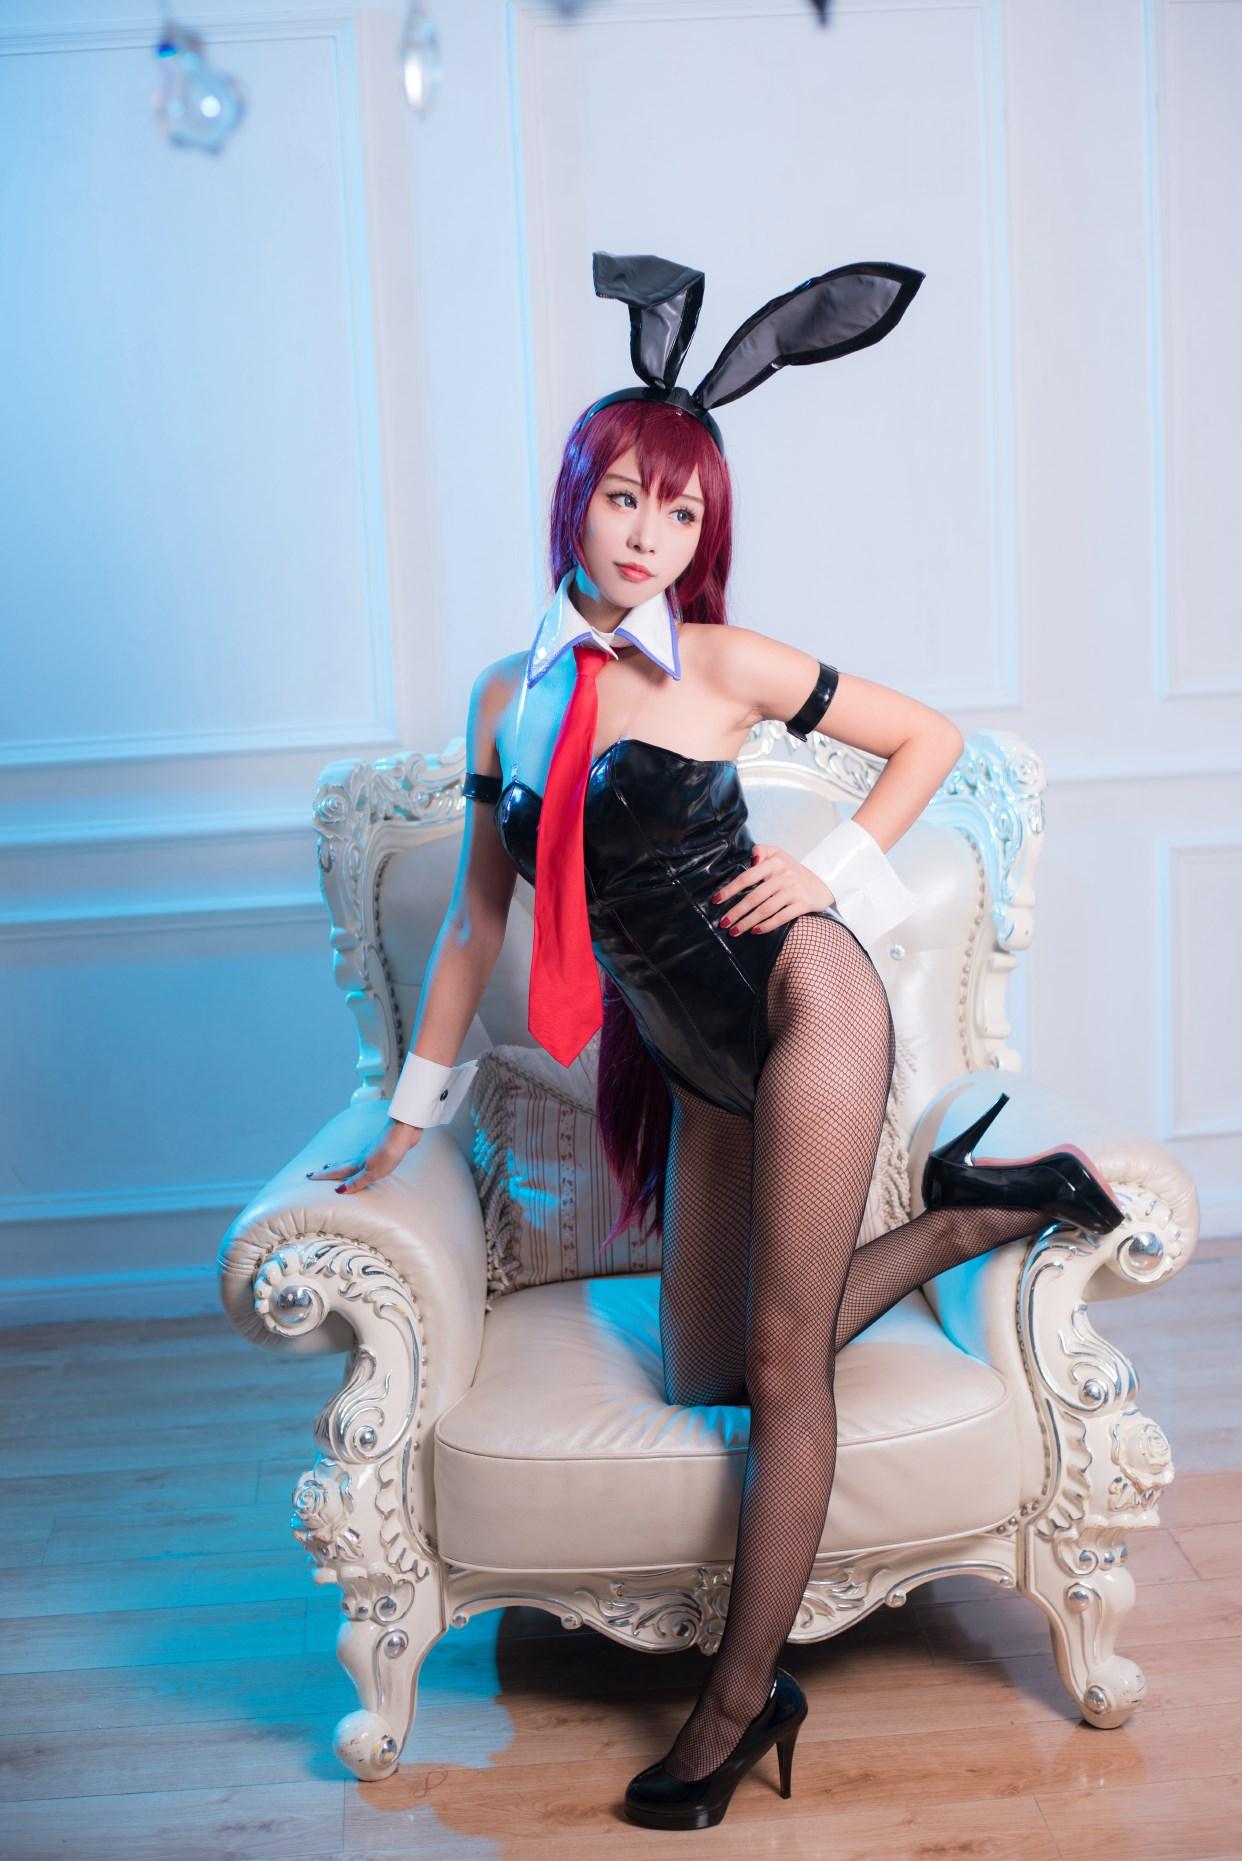 【兔玩映画】兔女郎vol.23-助手 兔玩映画 第21张